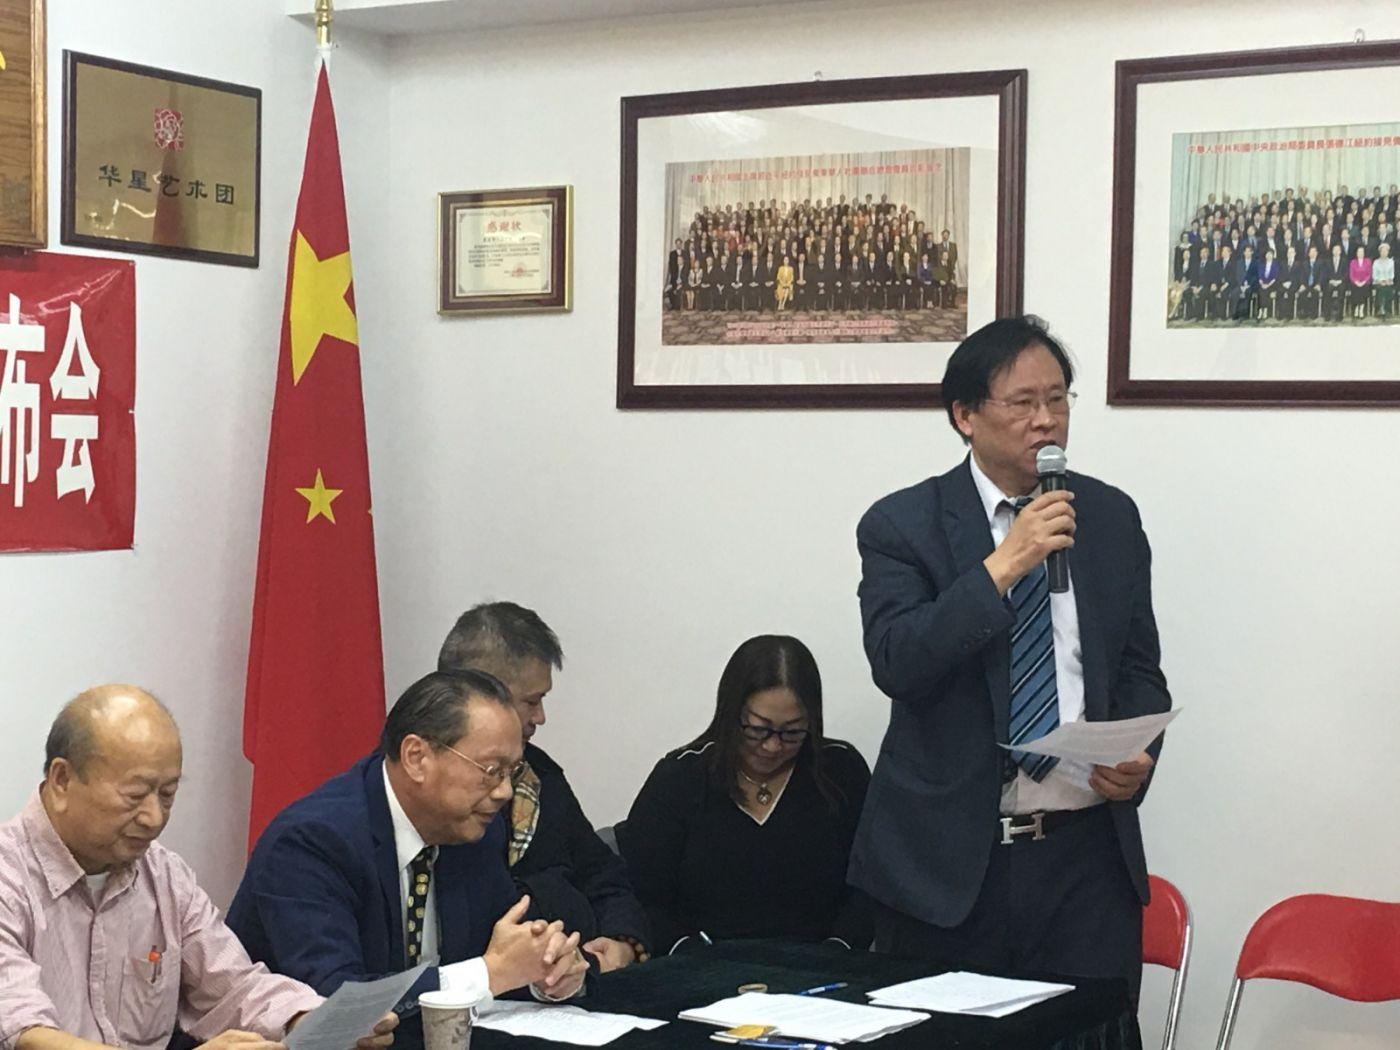 美東各界華僑華人致特朗普總統公開信新聞發佈會_图1-10